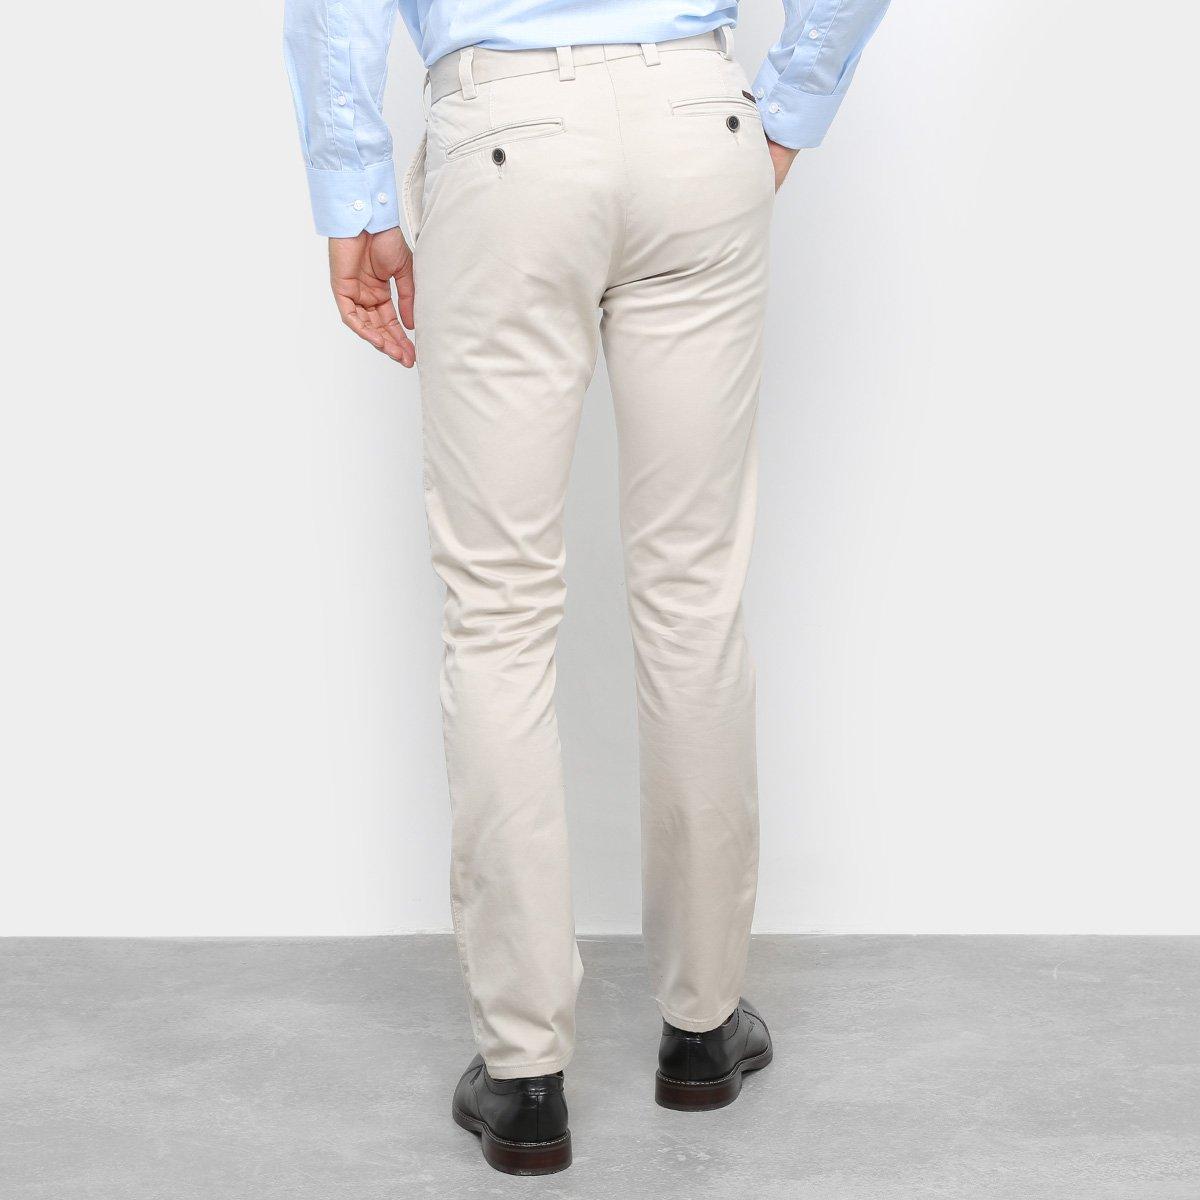 Calça Social Sarja Buckman Acetinada Masculina - Gelo